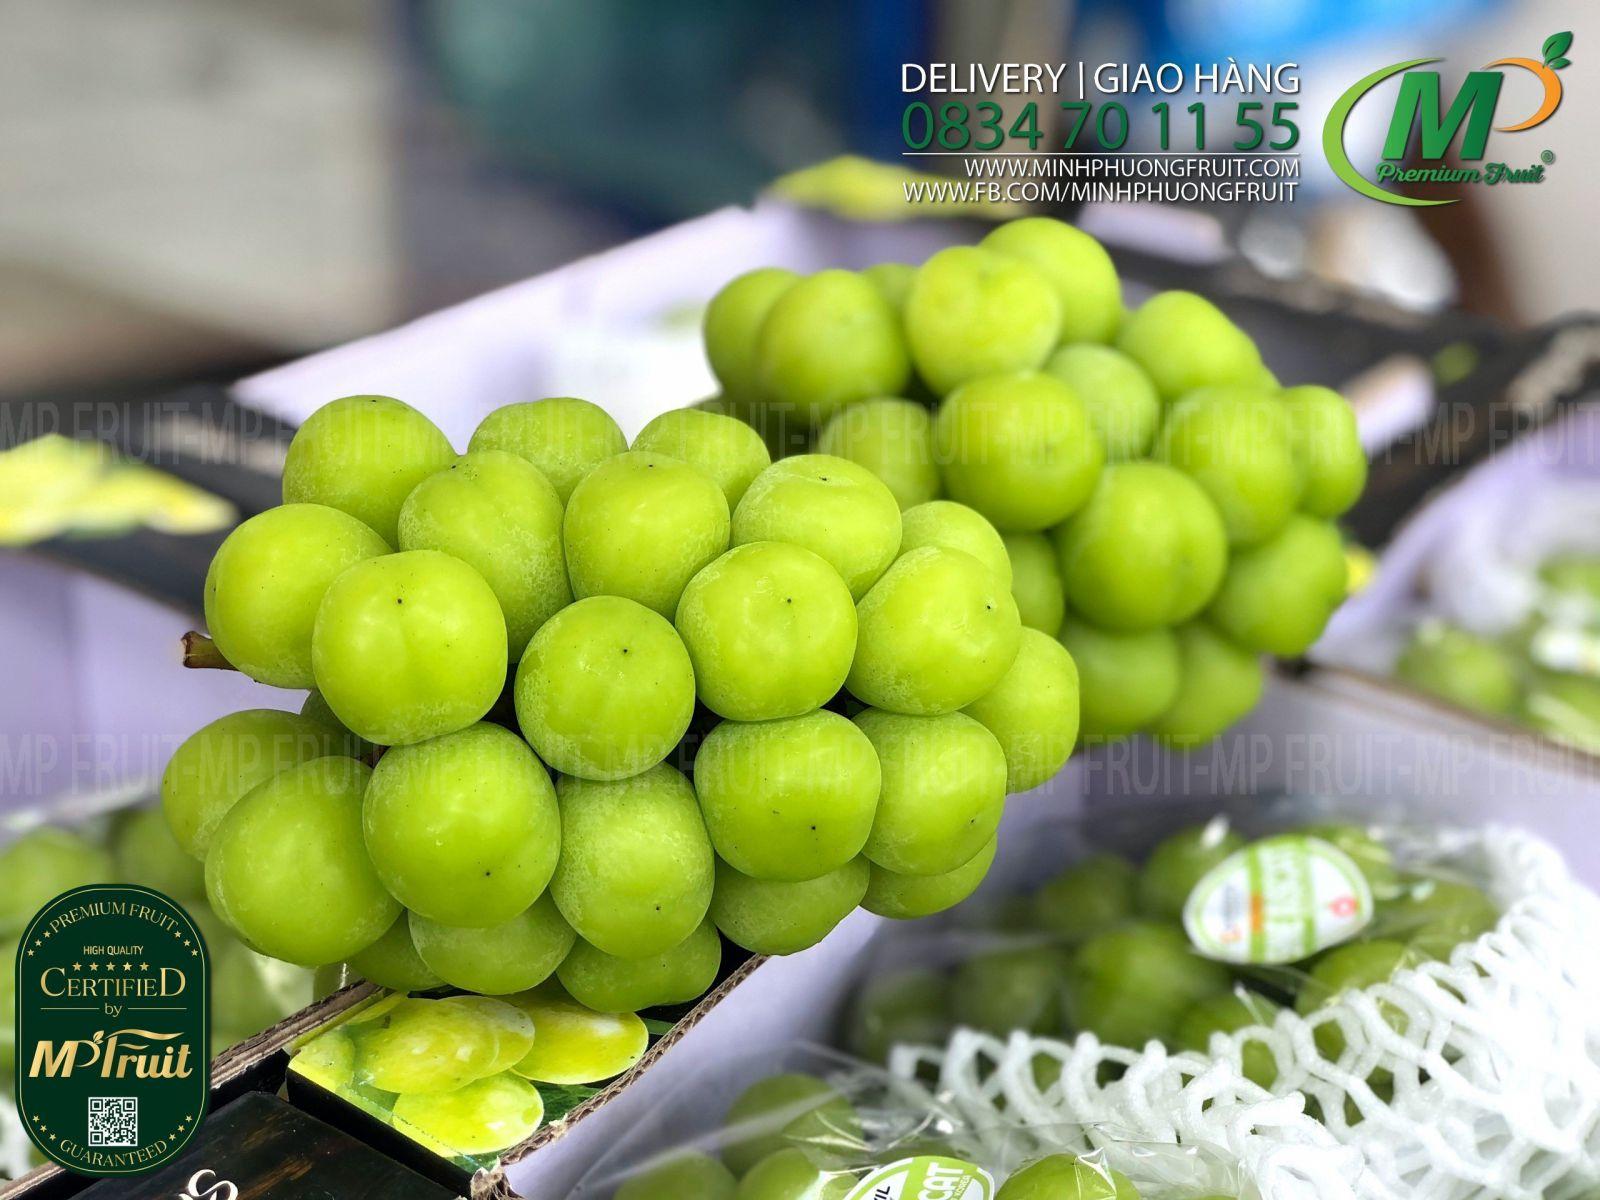 Nho Mẫu Đơn Shine Muscat Premium Hàn Quốc | Greenvil tại MP Fruits